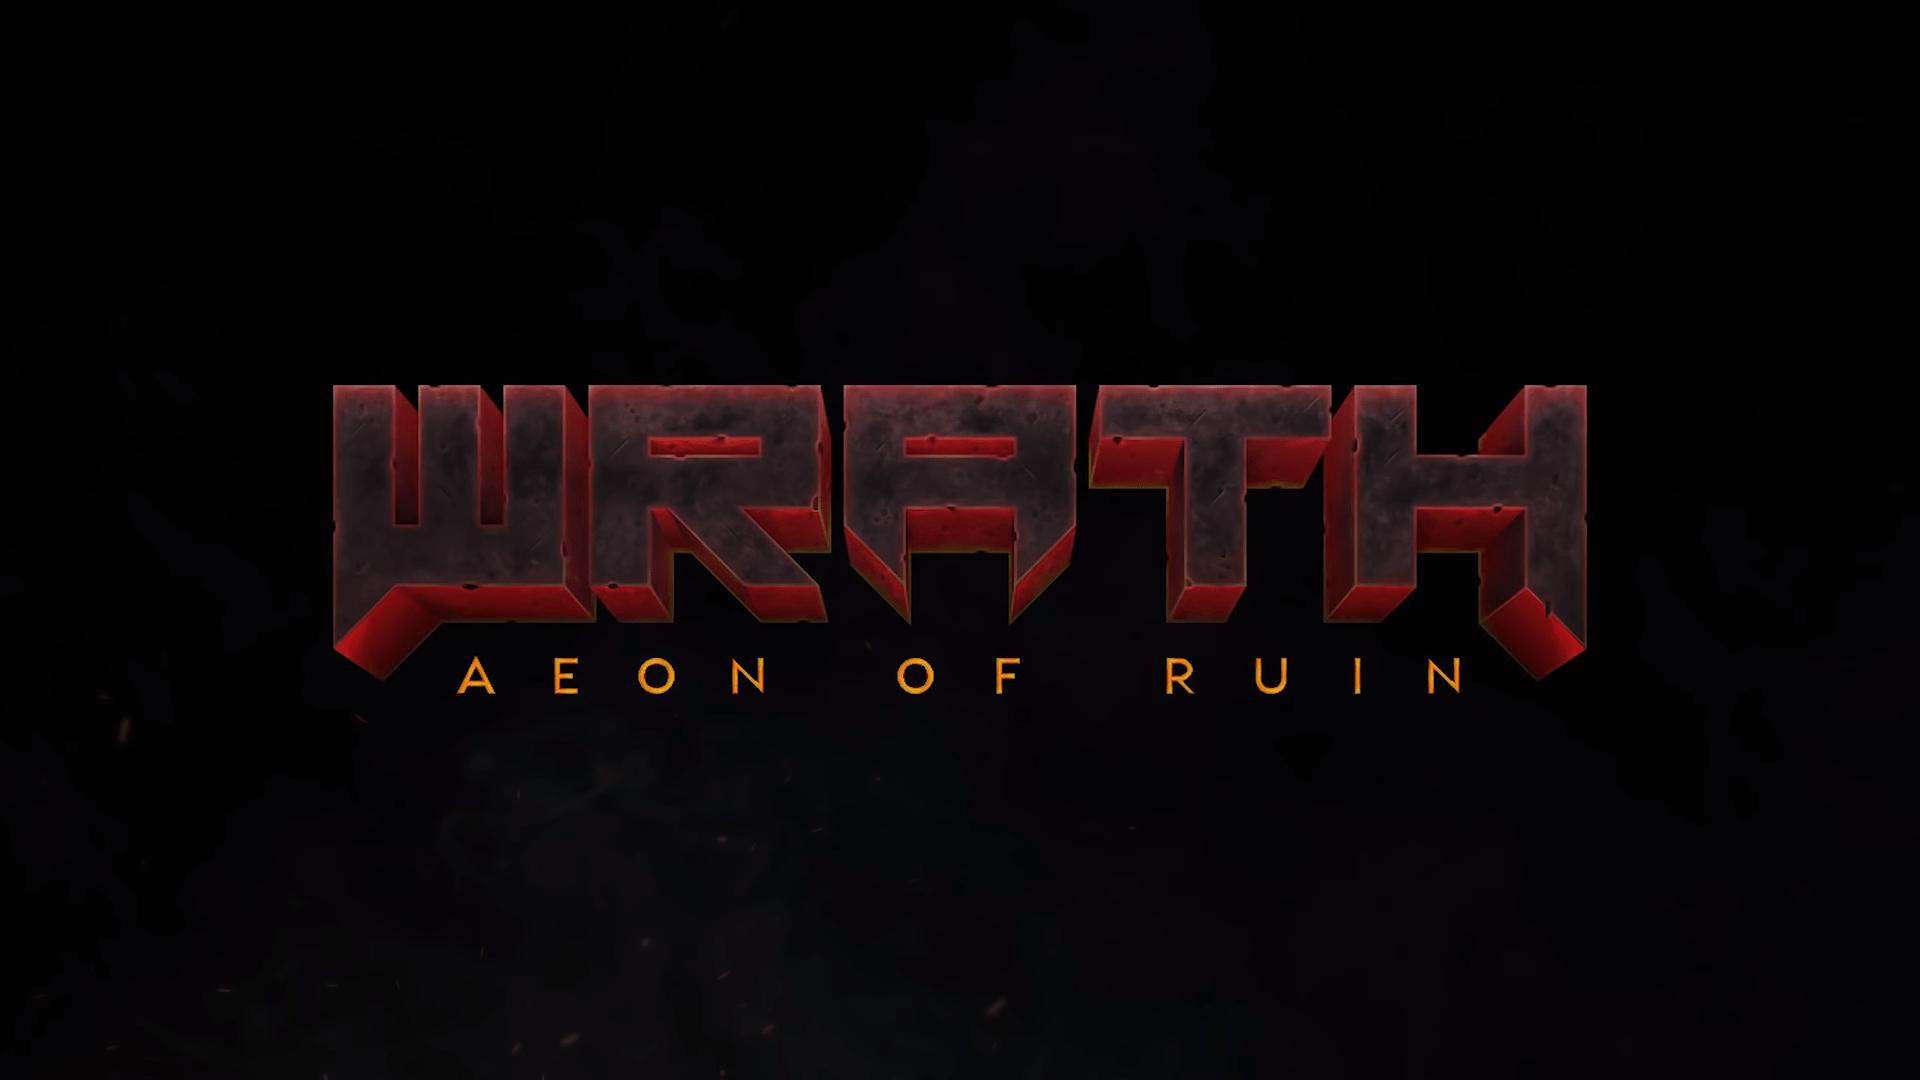 Legendary Developers 3D Realms, Responsible For Duke Nukem, Bringing Hardcore FPS Wrath: Aeon Of Ruin